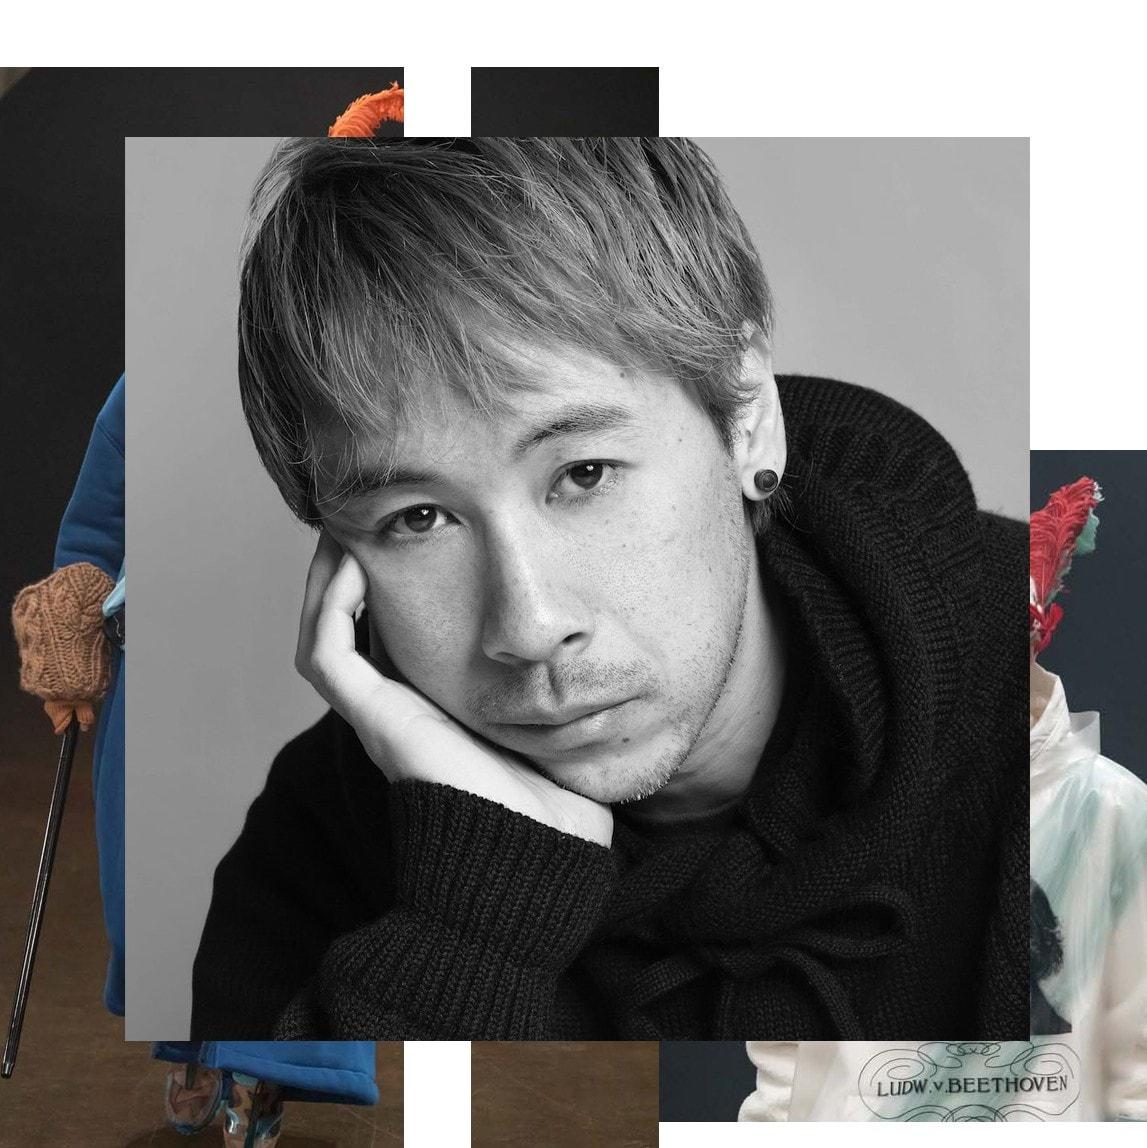 HYPEBEAST 盤點近 10 年最具影響力之時尚潮流設計師